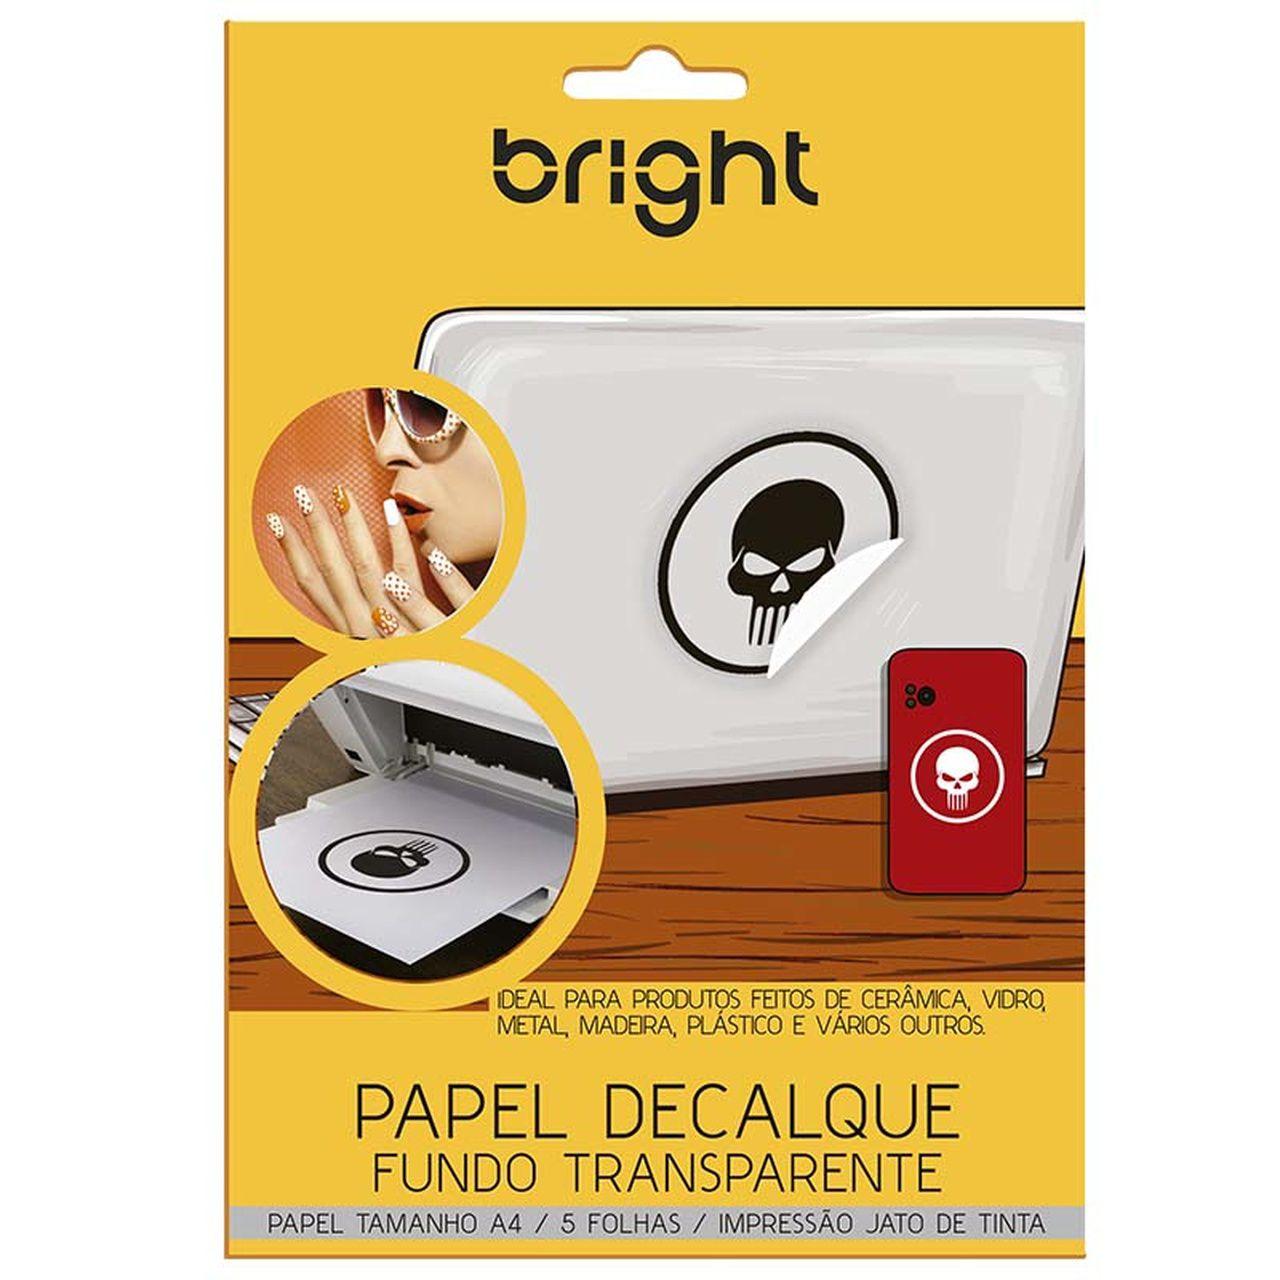 Papel Decalque Fundo Transparente 5 Folhas A4 521 - Bright